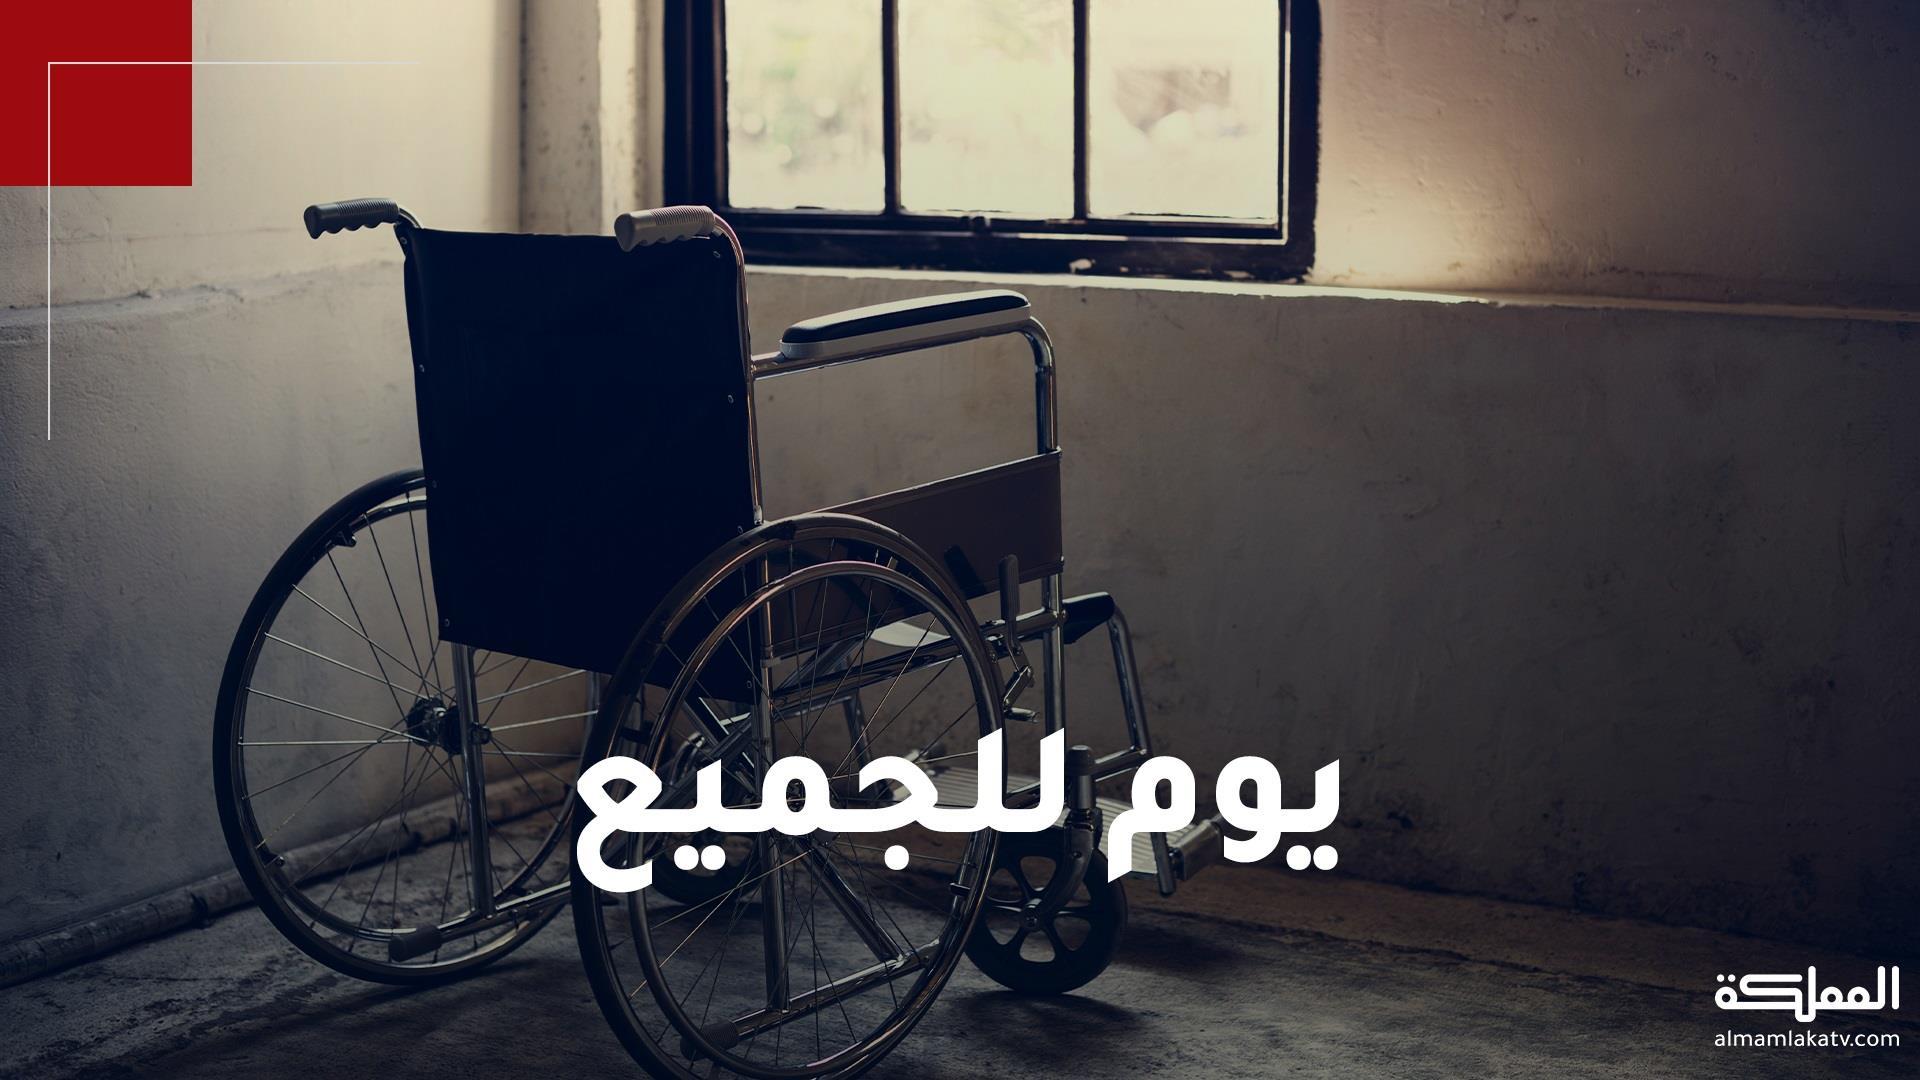 ذوو الإعاقة في الأردن يشكلون 11.2% من السكان.. فما هي التحديات التي تواجههم؟